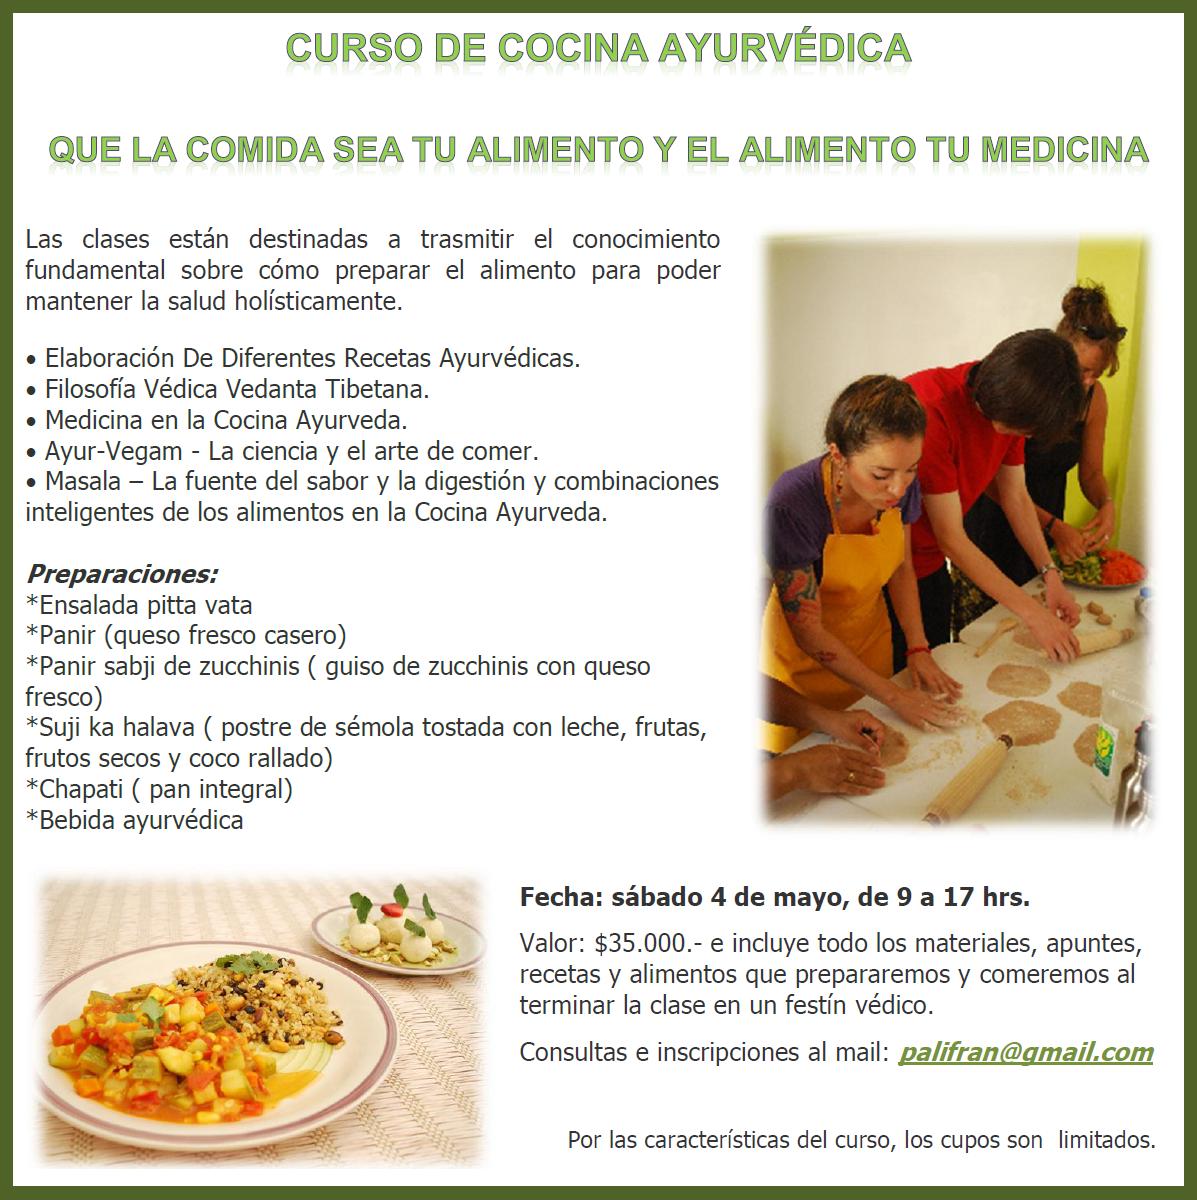 Bless curso de cocina ayurv dica for Curso de cocina para solteros